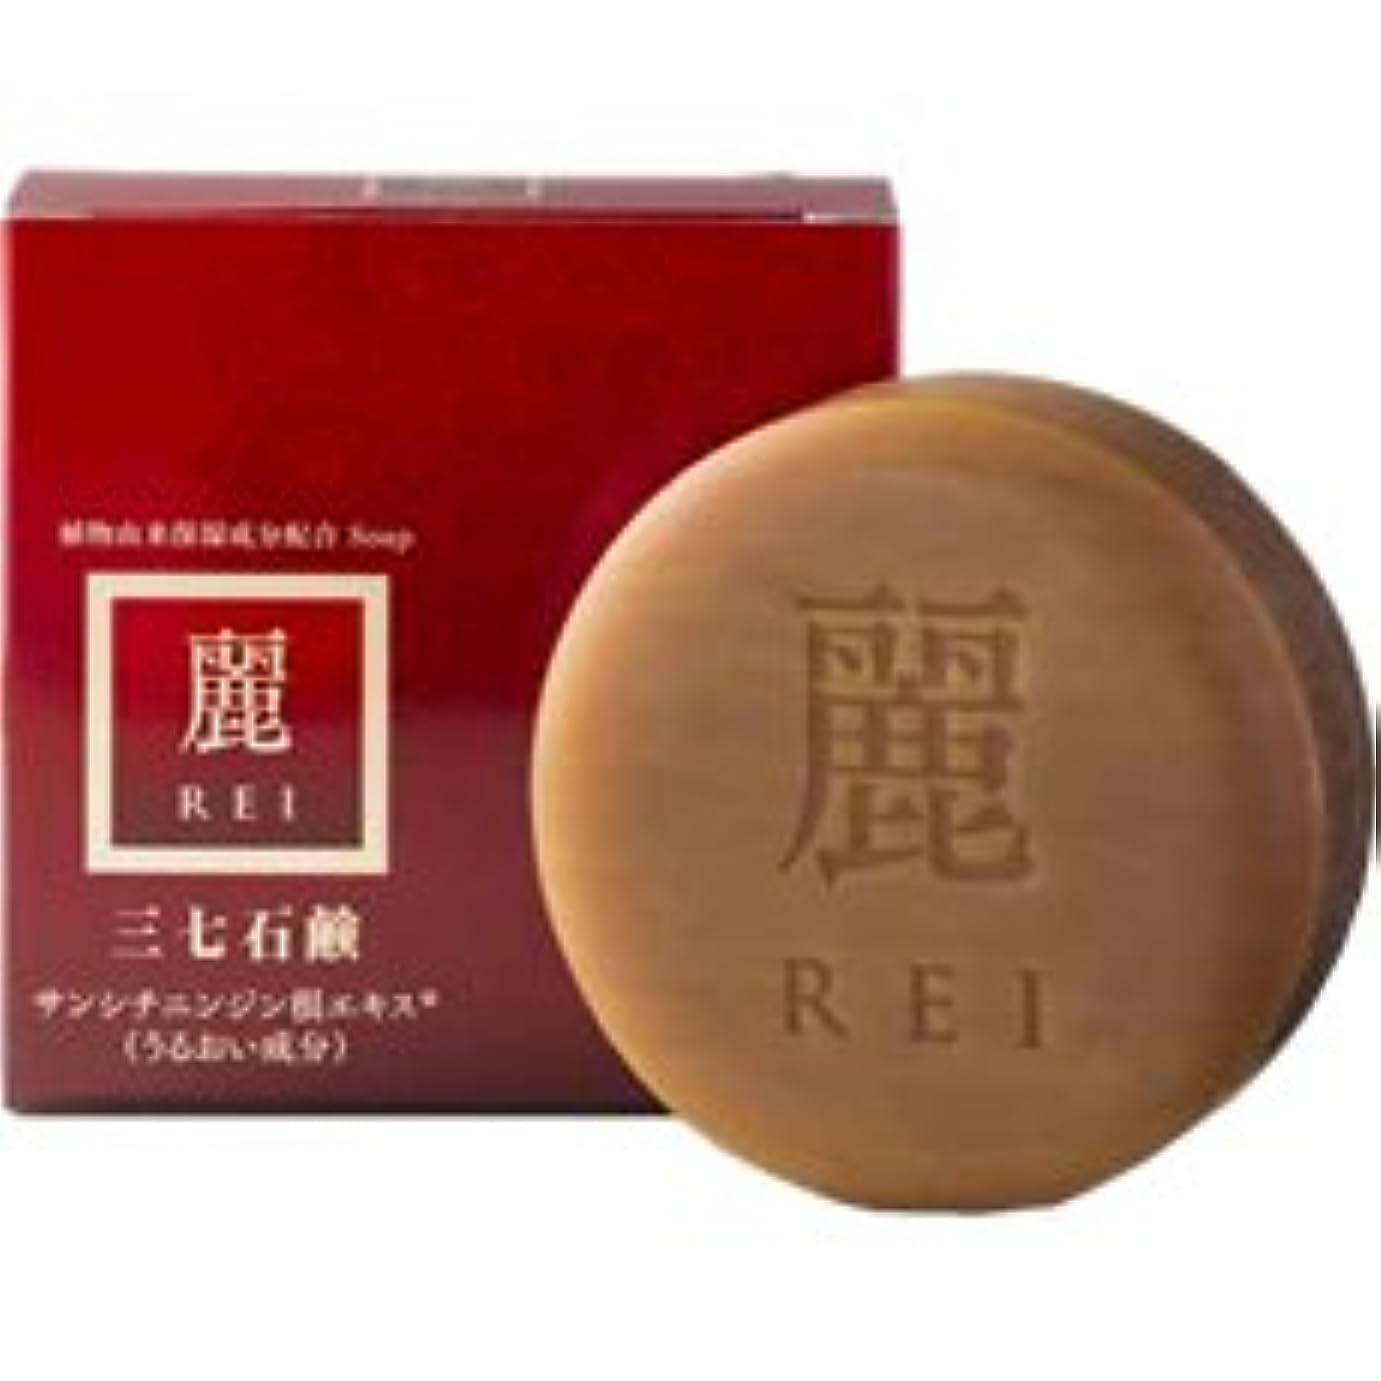 有益銀行トーク三七石鹸 麗(れい) 100g